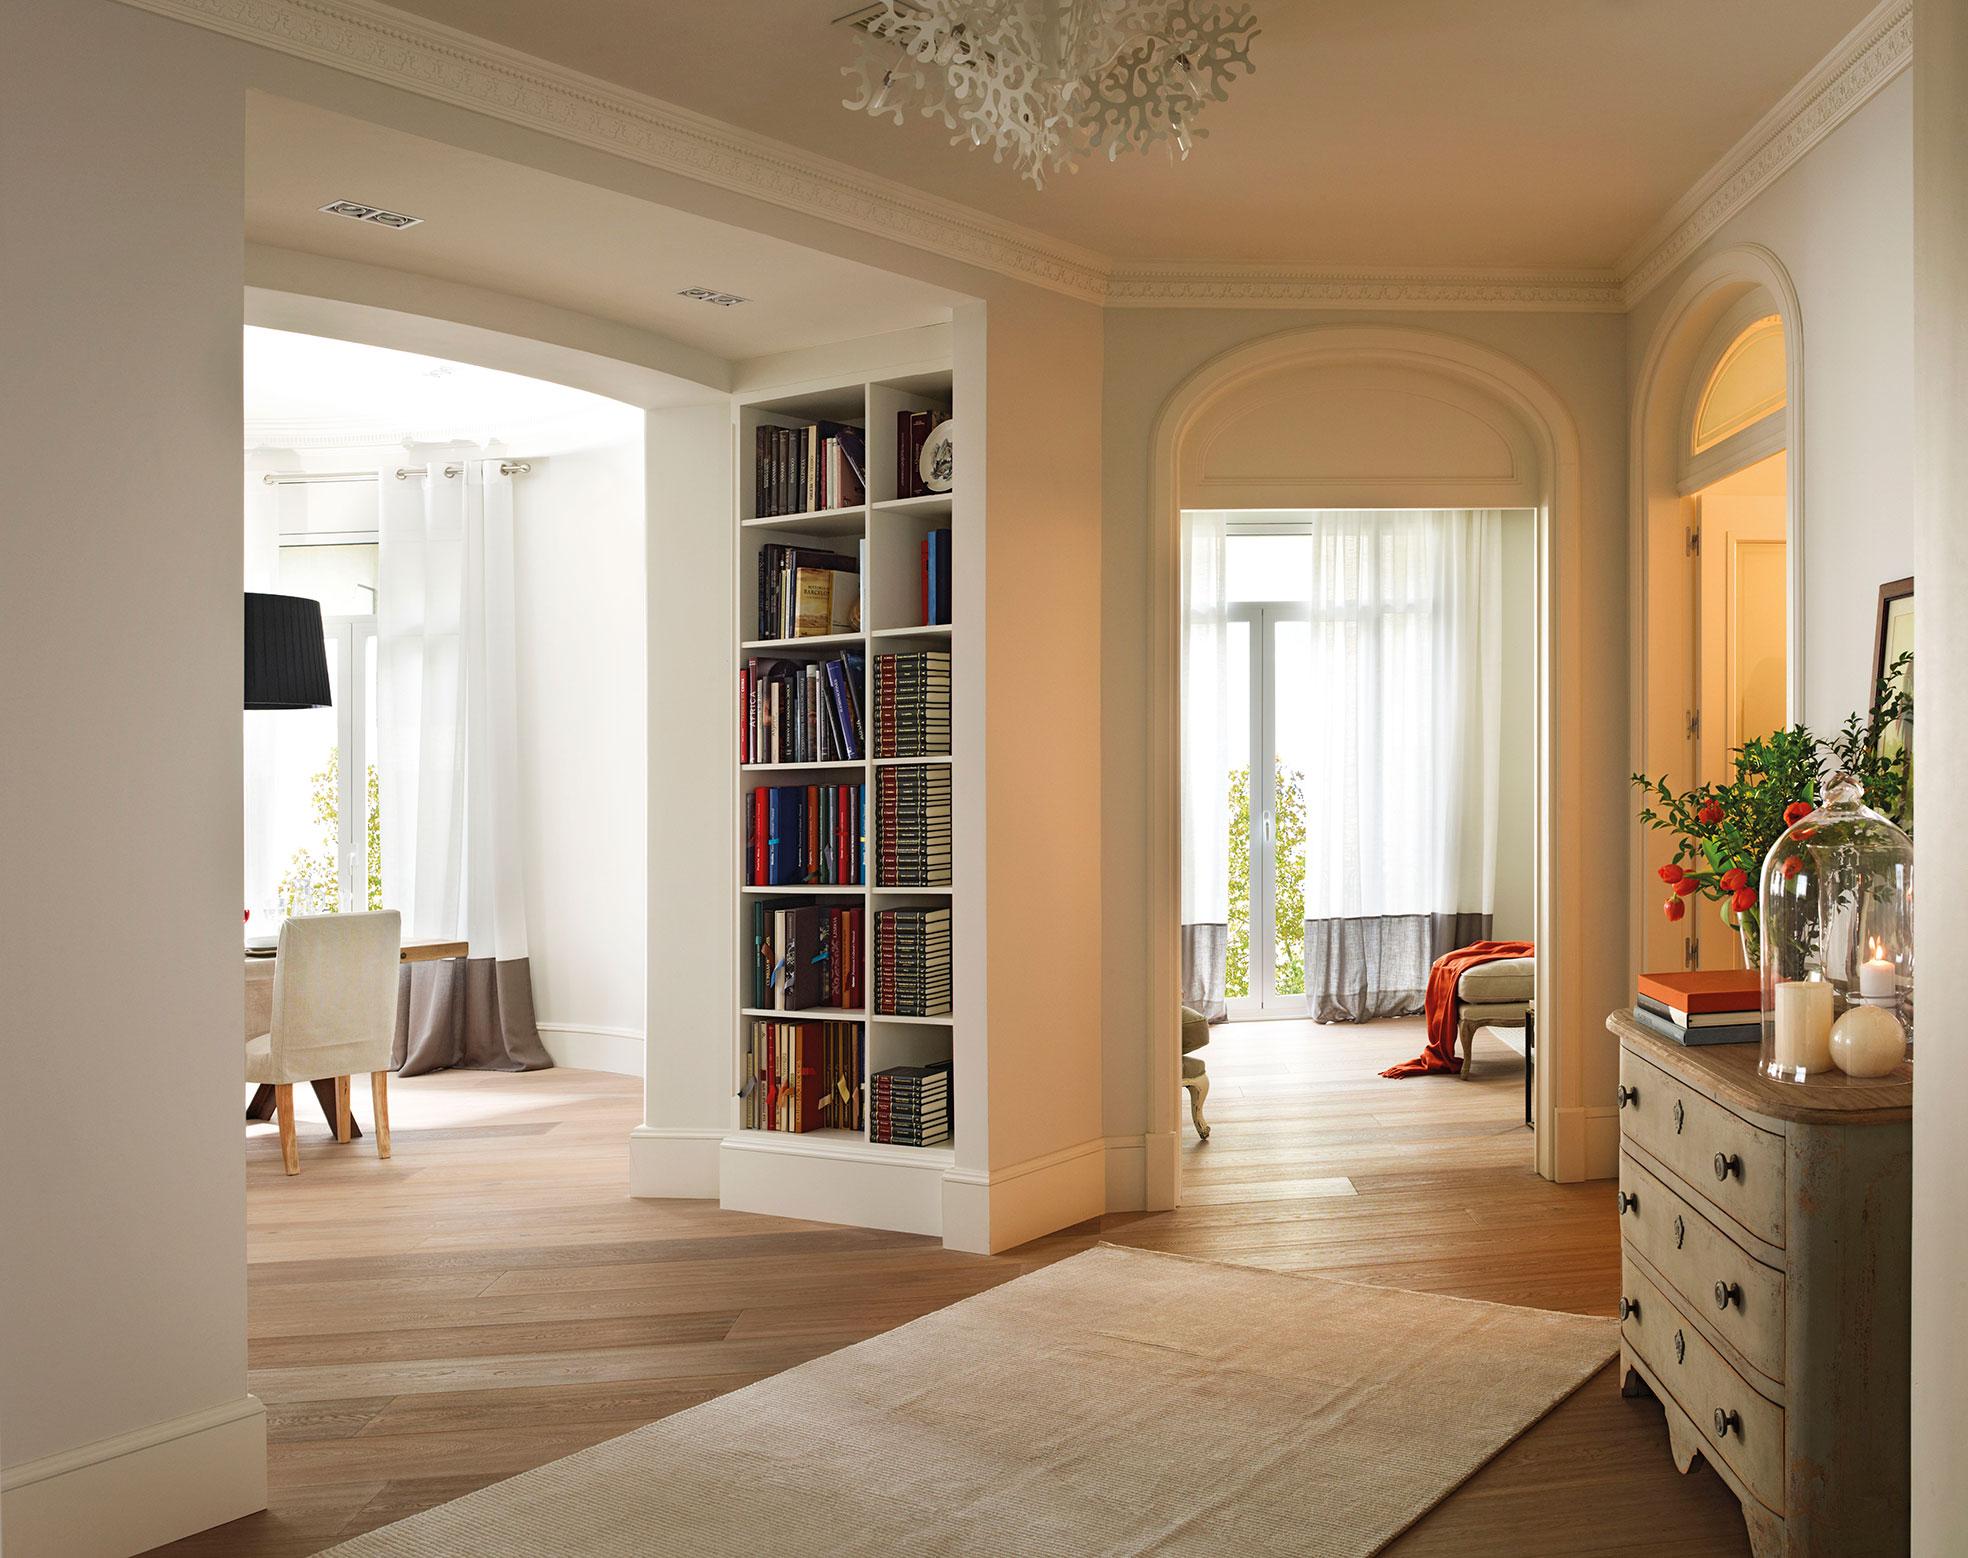 Zonas de paso bien aprovechadas pasillos recibidores y